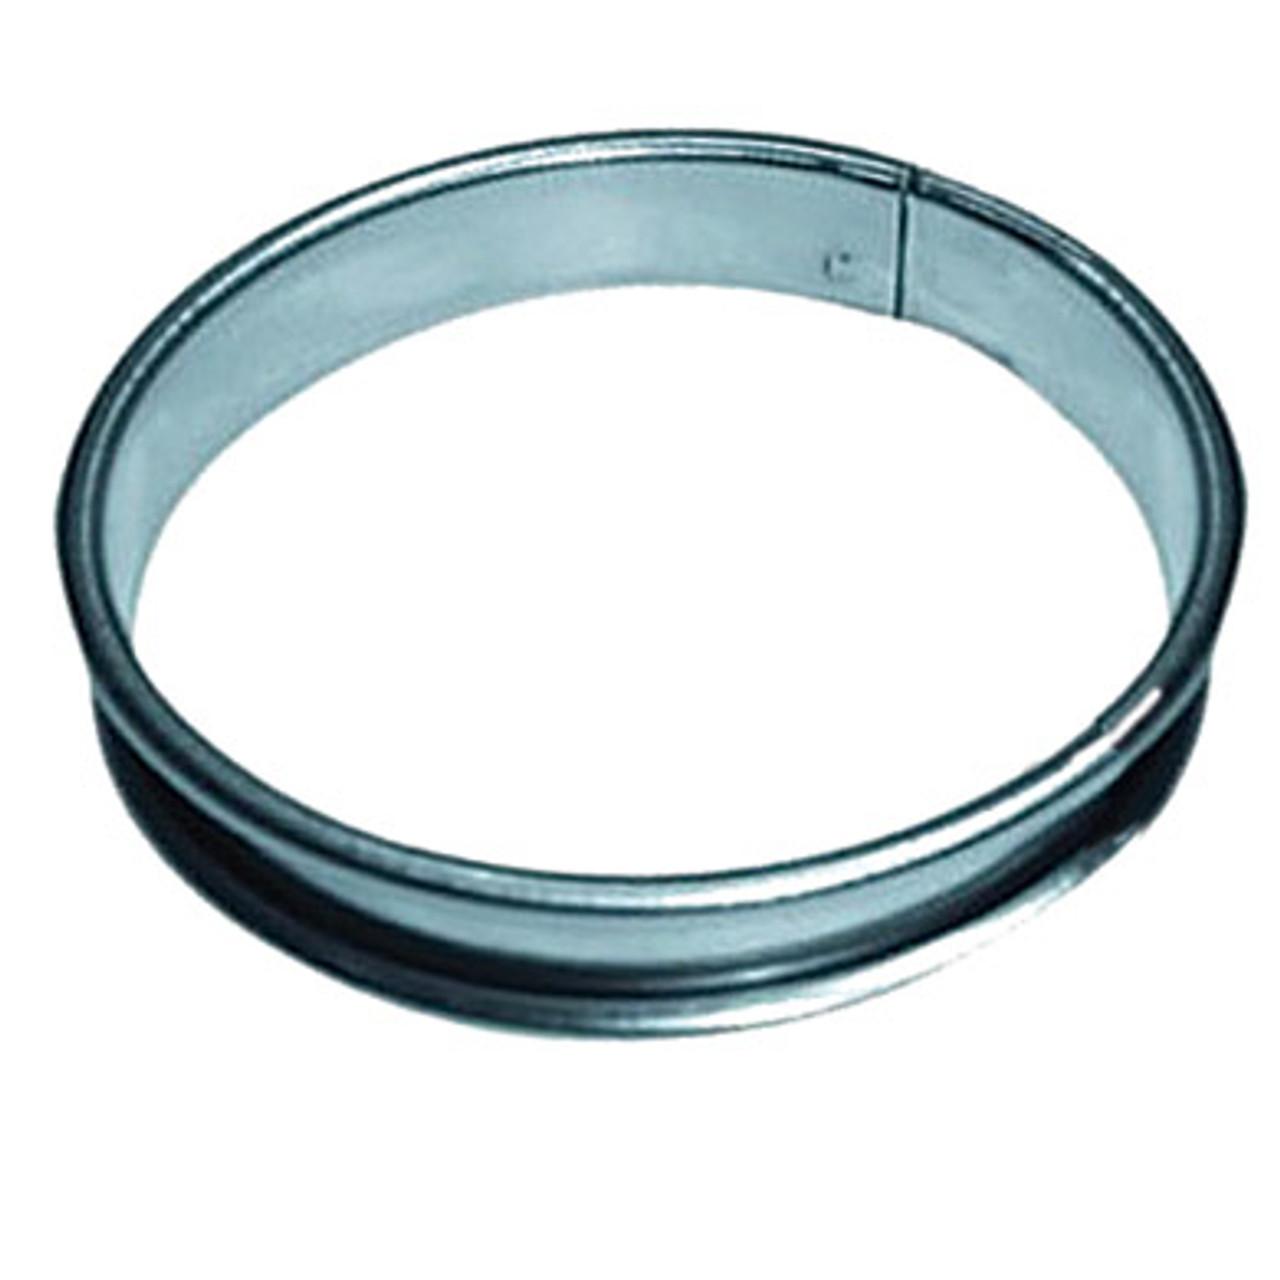 PASTRY RING 8.5cm x 1.6cm (x10)